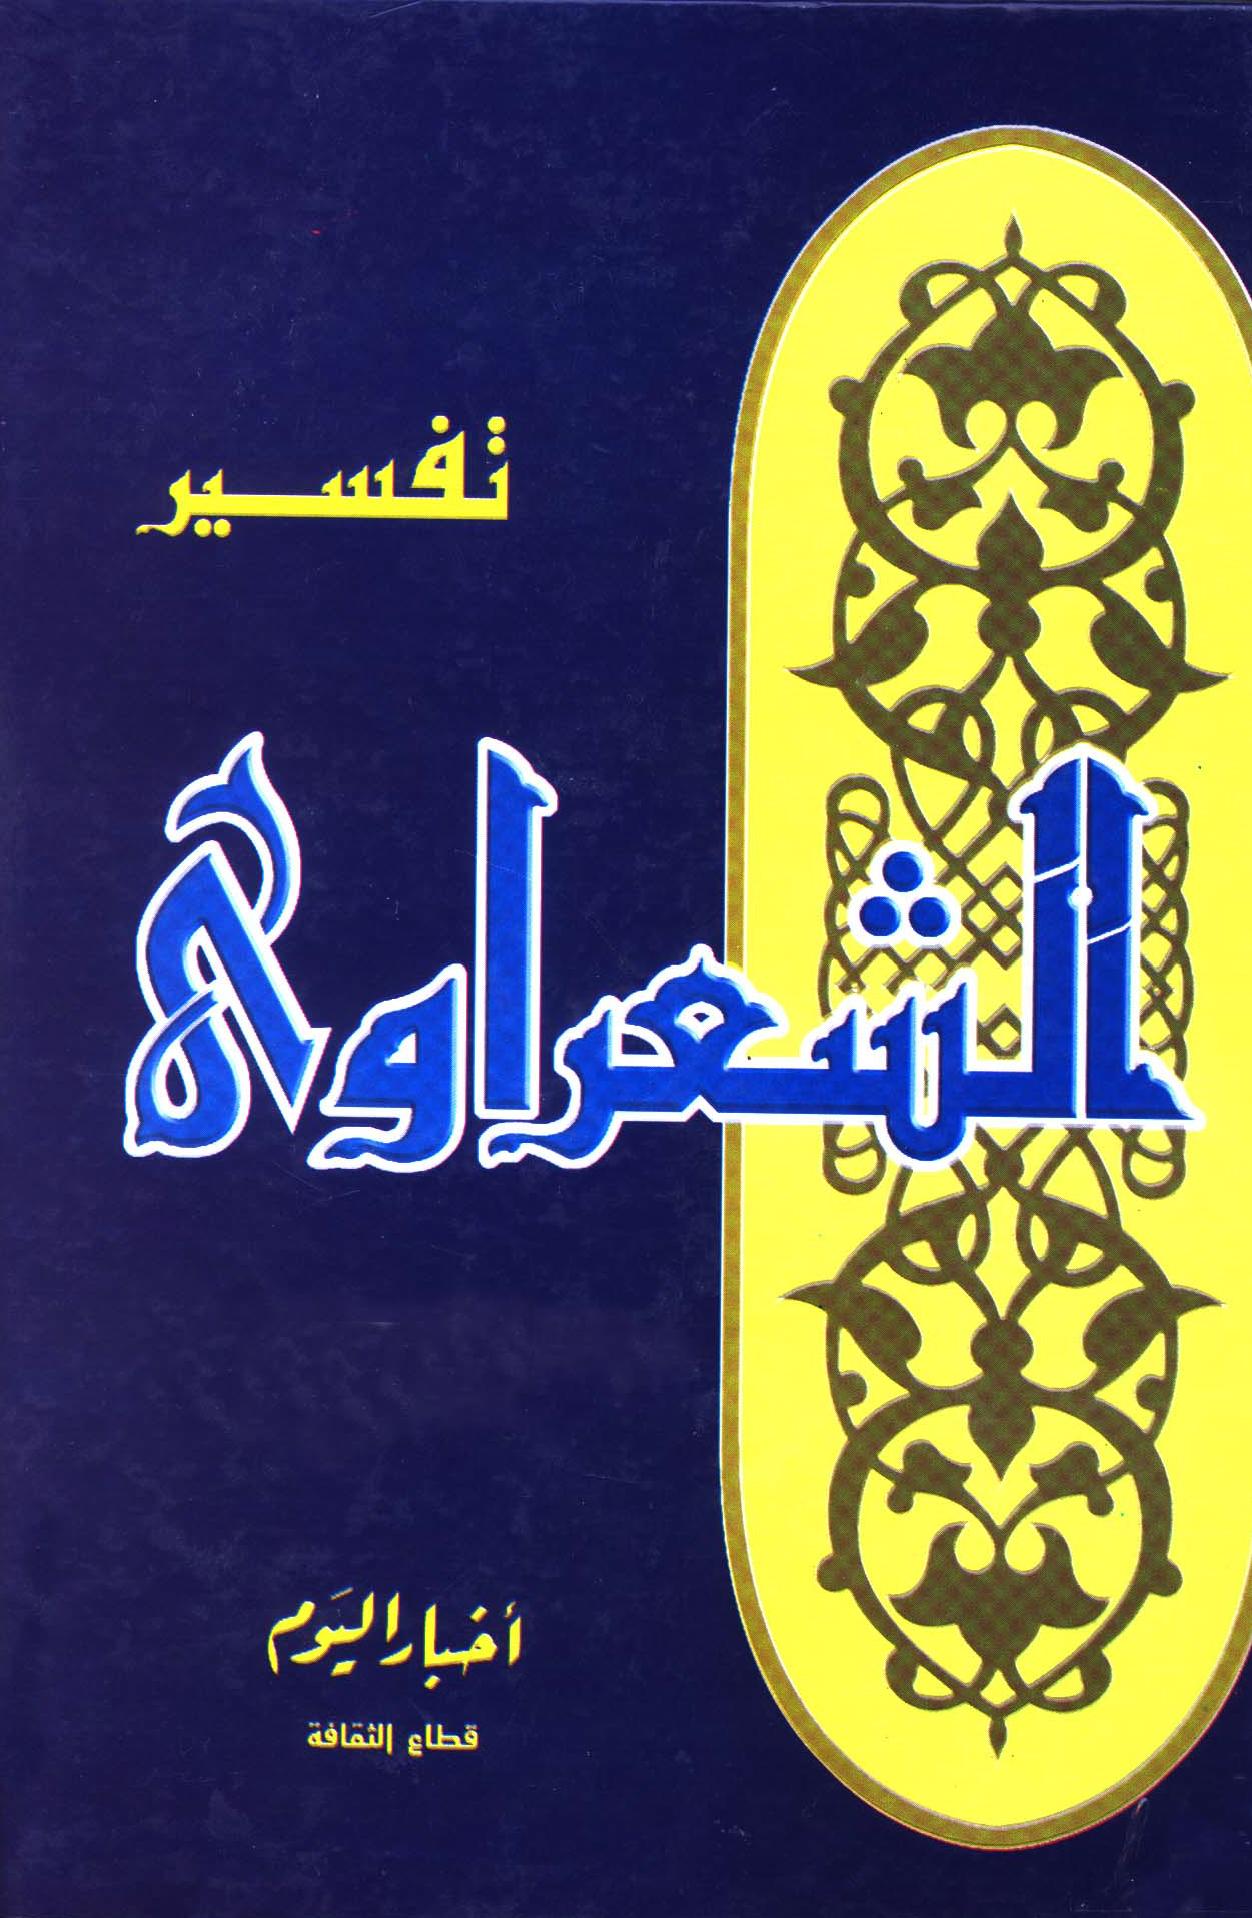 تحميل كتاب تفسير الشعراوي لـِ: الشيخ محمد متولي الشعراوي (ت 1418)